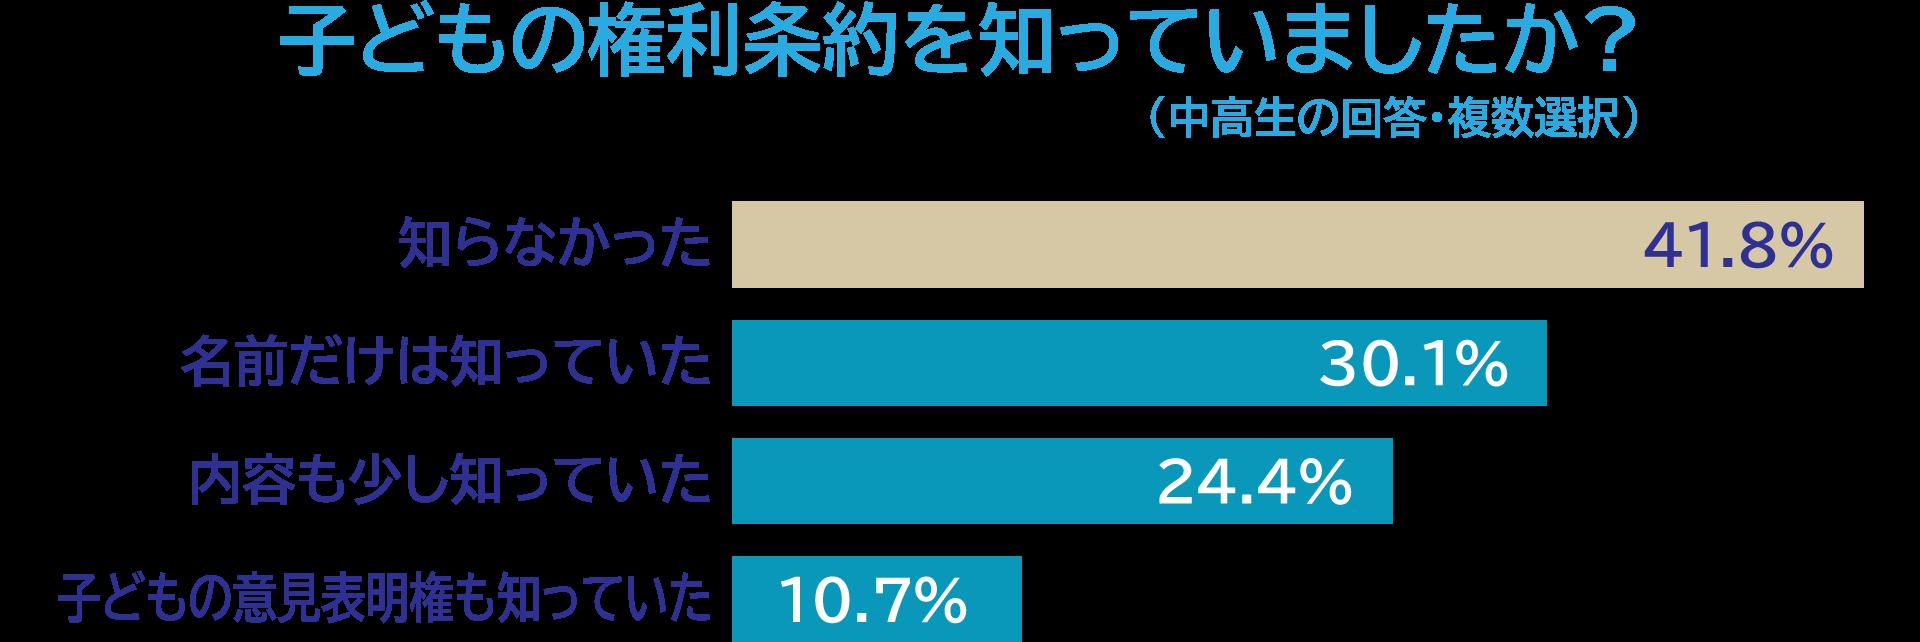 子どもの権利条約を知っていましたか?「知らなかった」41.8%「名前だけは知っていた」30.1%「内容も少し知っていた」24.4%「子どもの意見表明権も知っていた」10.7%